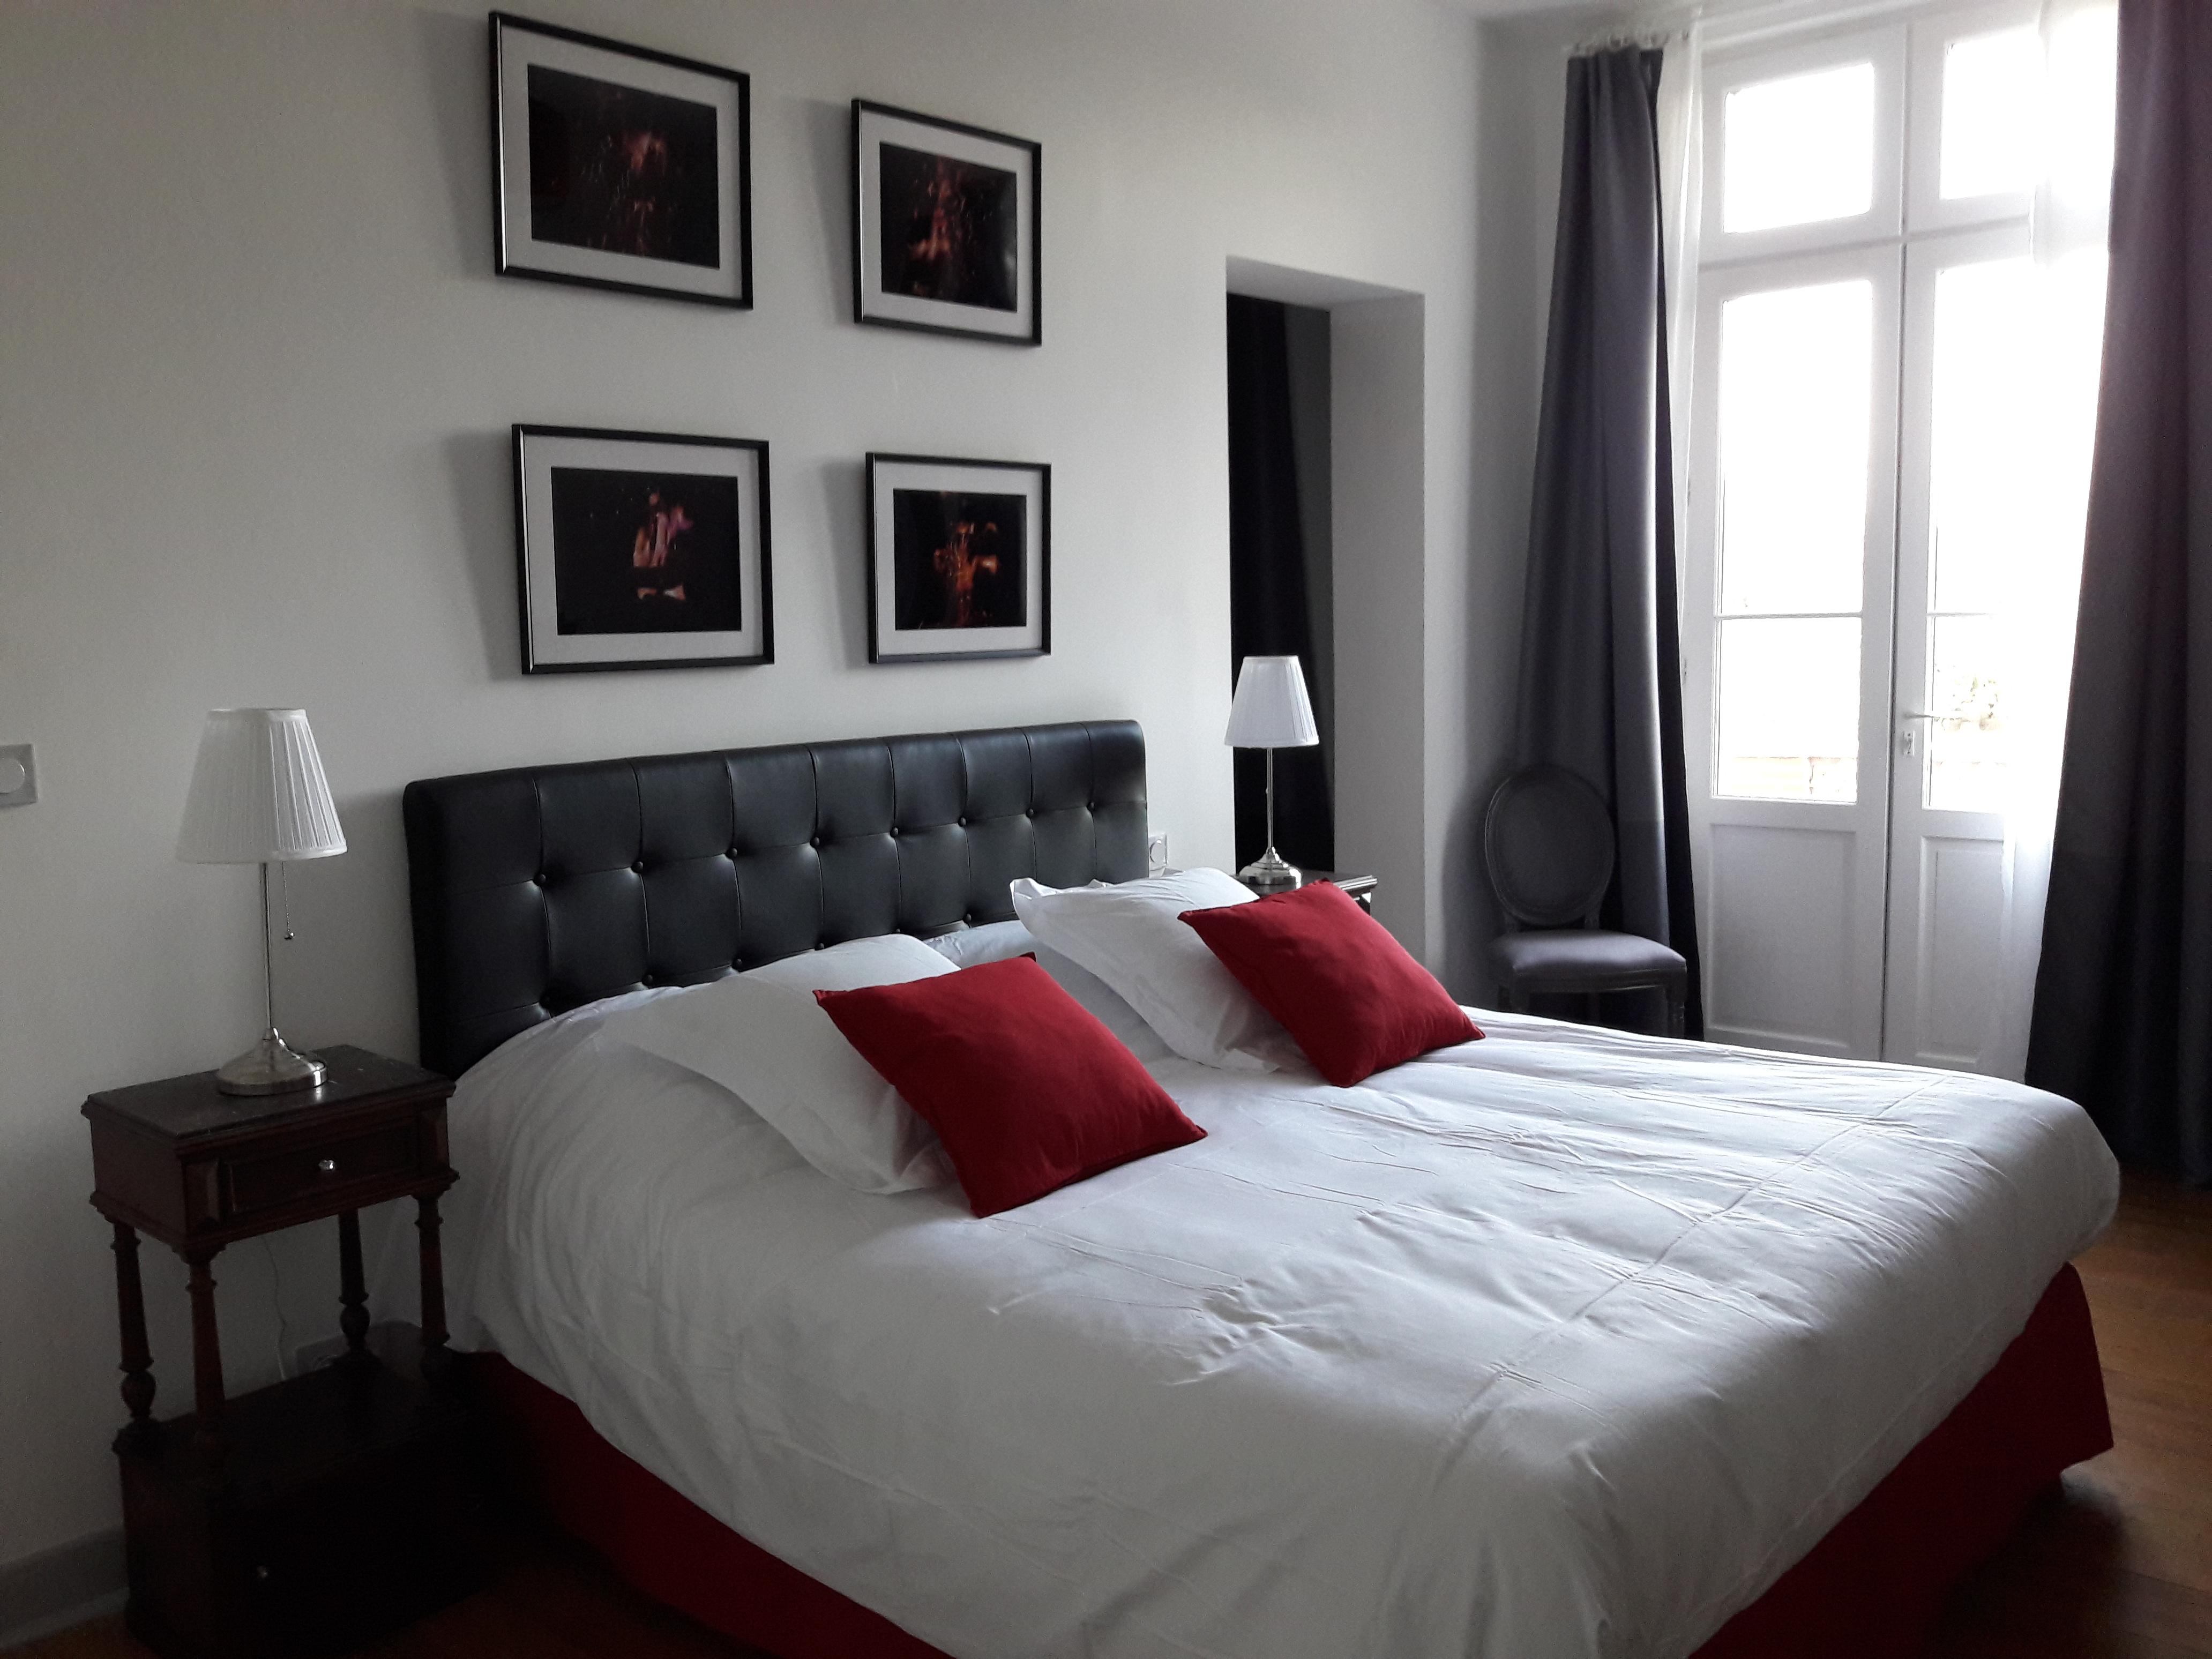 chambres d'hotes près de Moissac dans le Tarn-et-Garonne